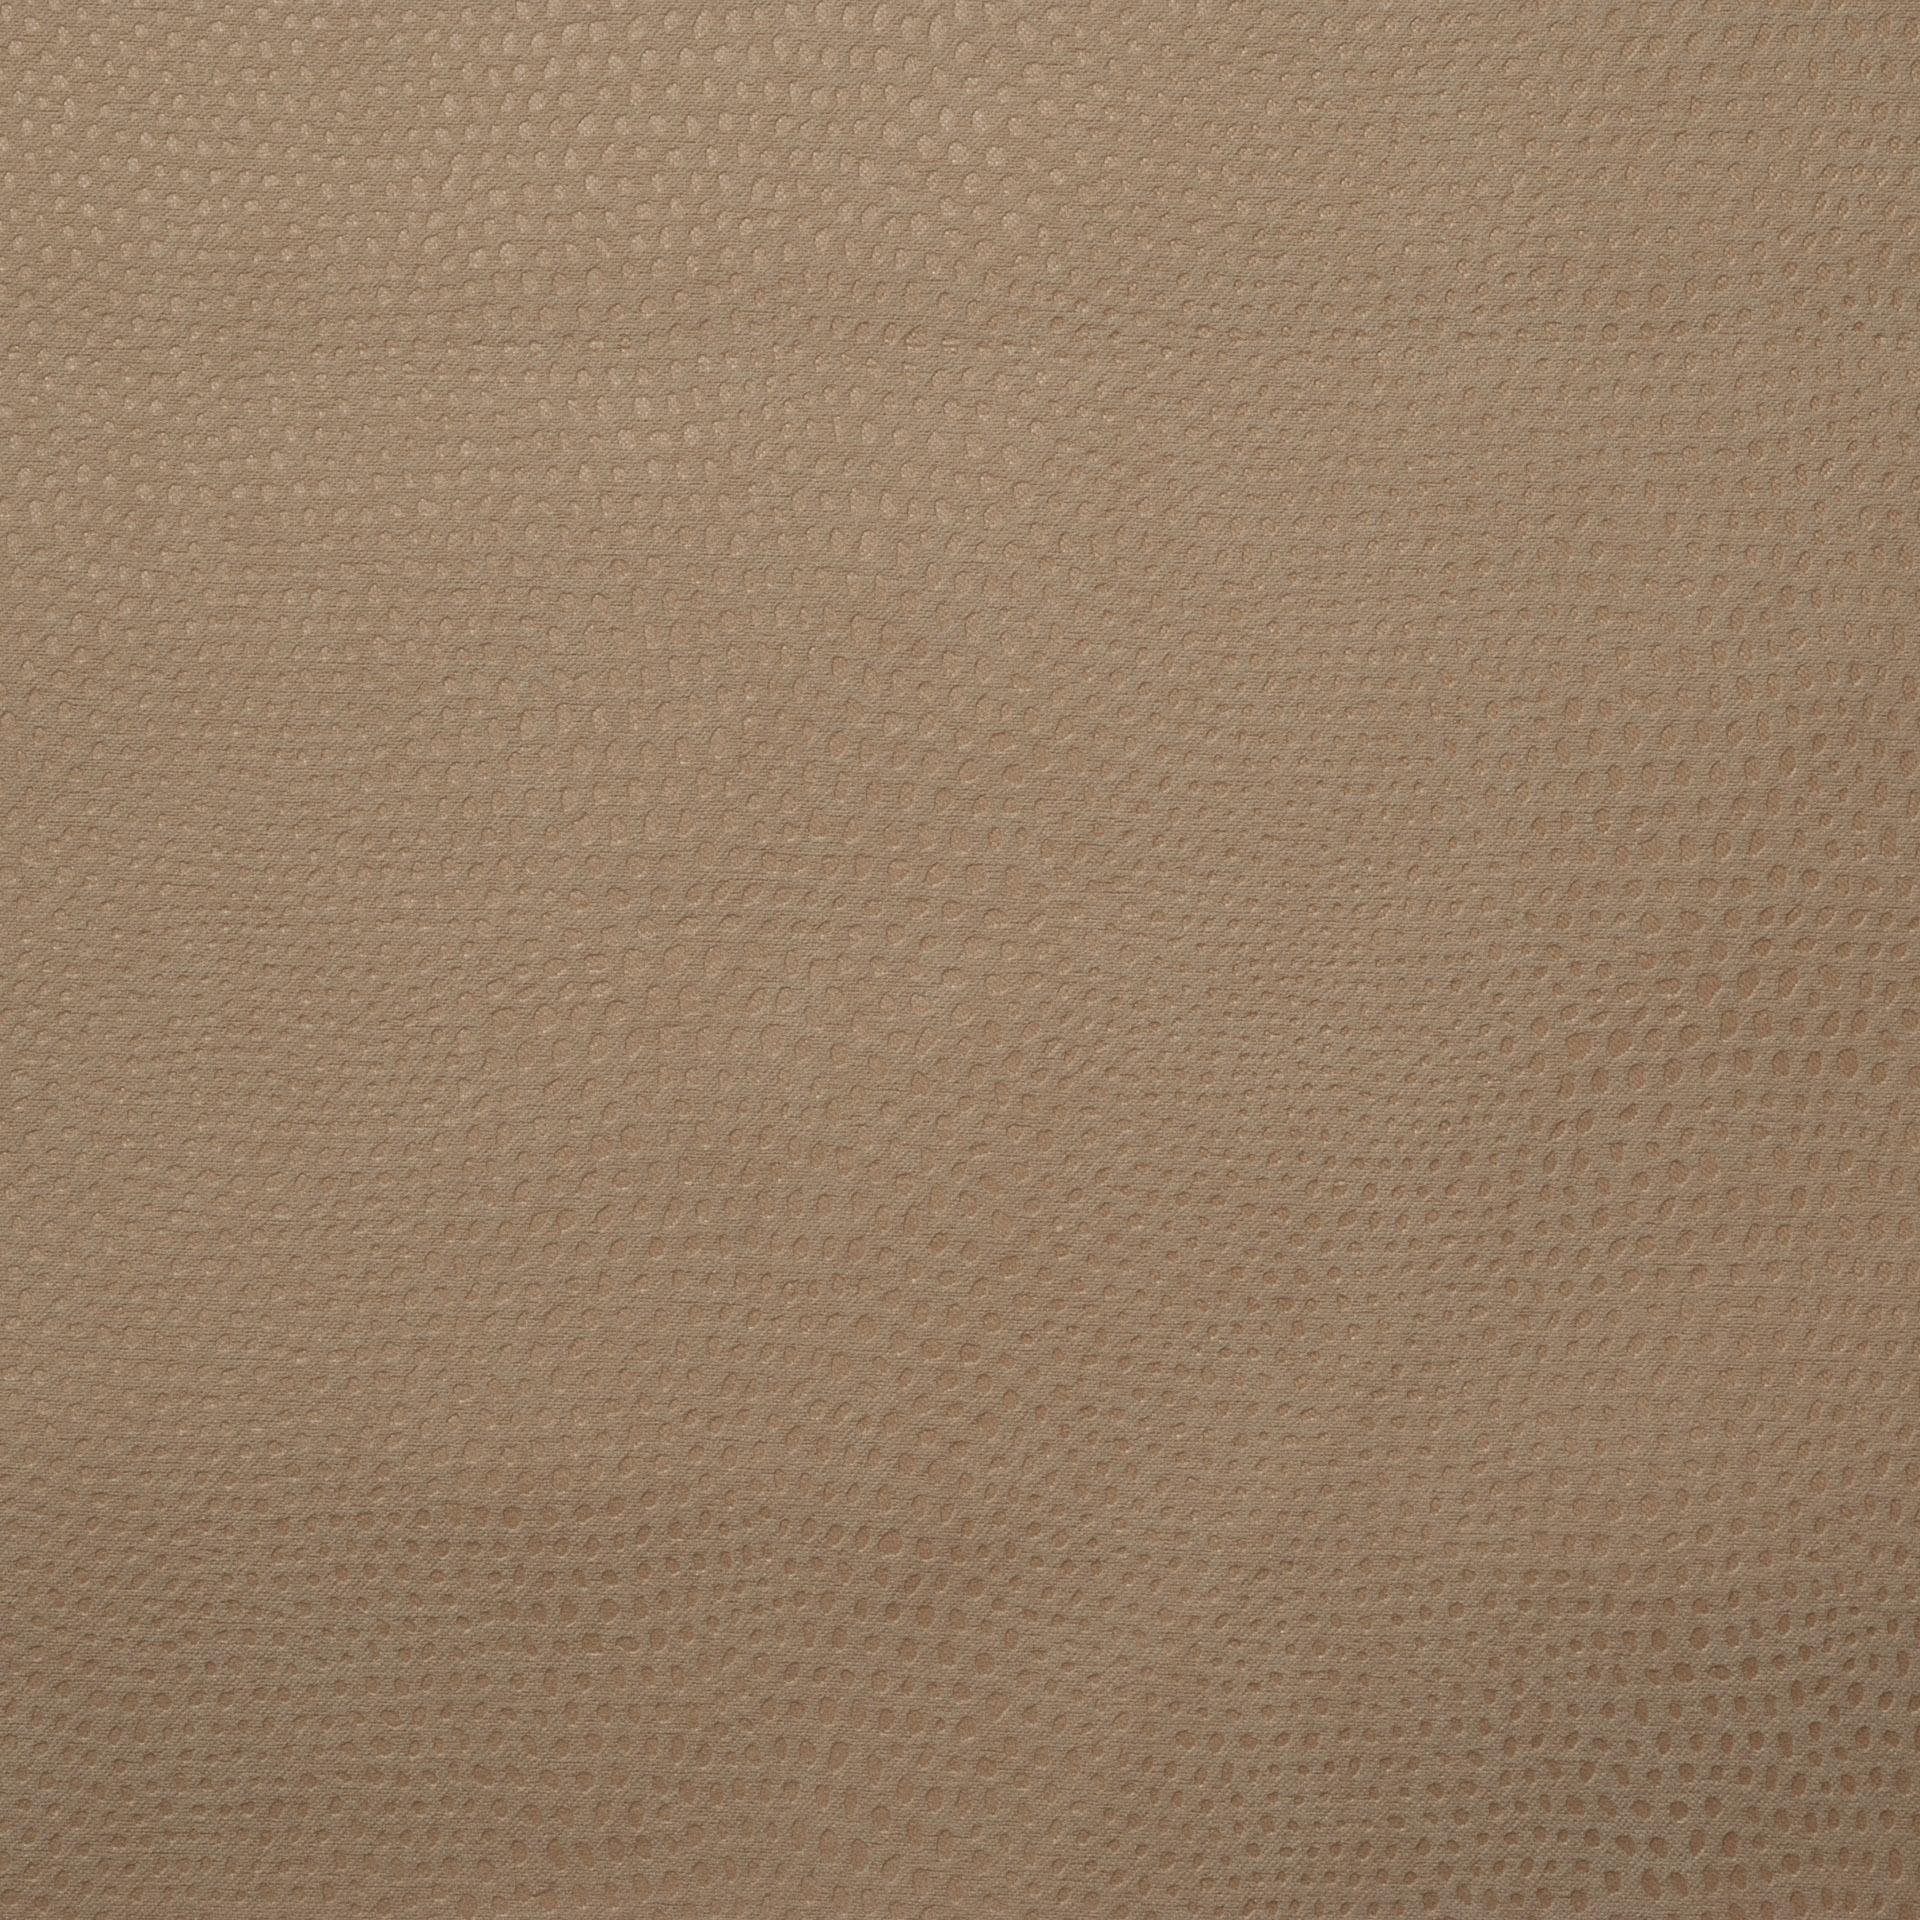 Коллекция ткани Снейк 2223 SAND,  купить ткань Велюр для мебели Украина